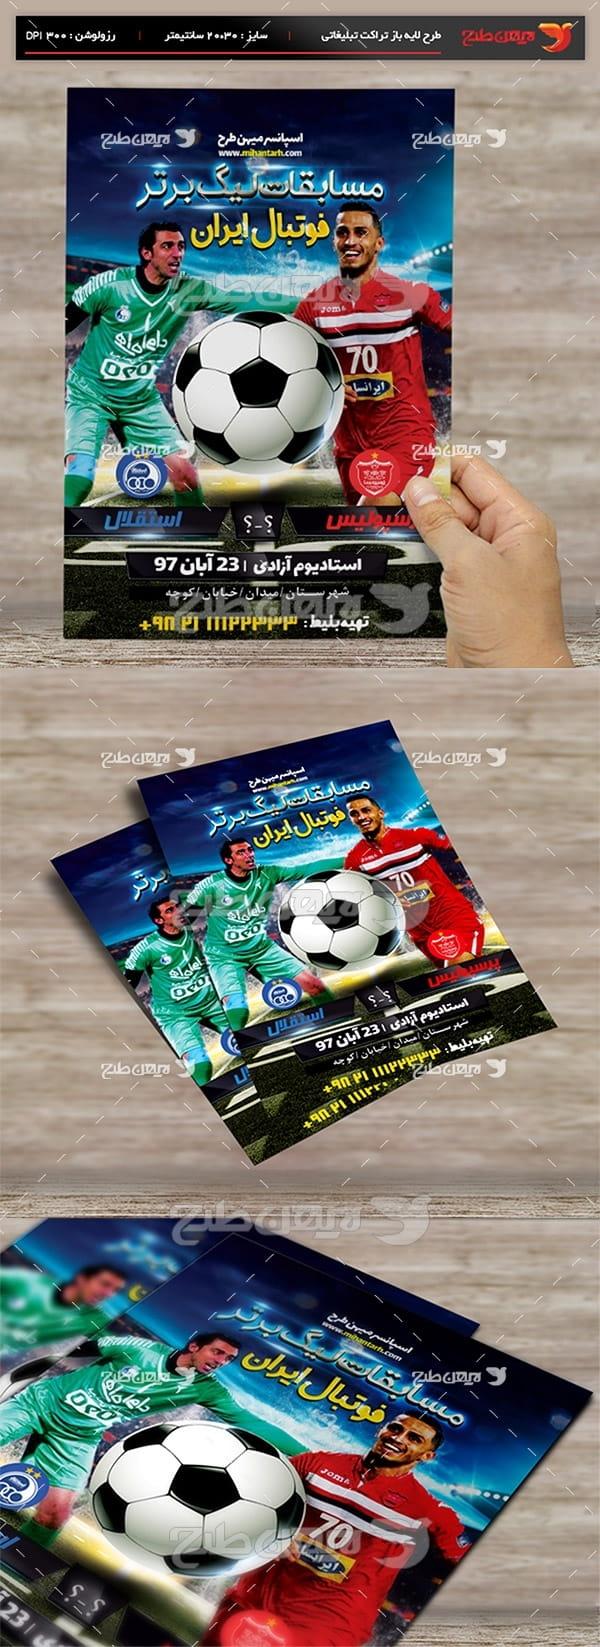 طرح لایه باز تراکت رنگی مسابقات لیگ برتر فوتبال ایران ( پرسپولیس و استقلال )